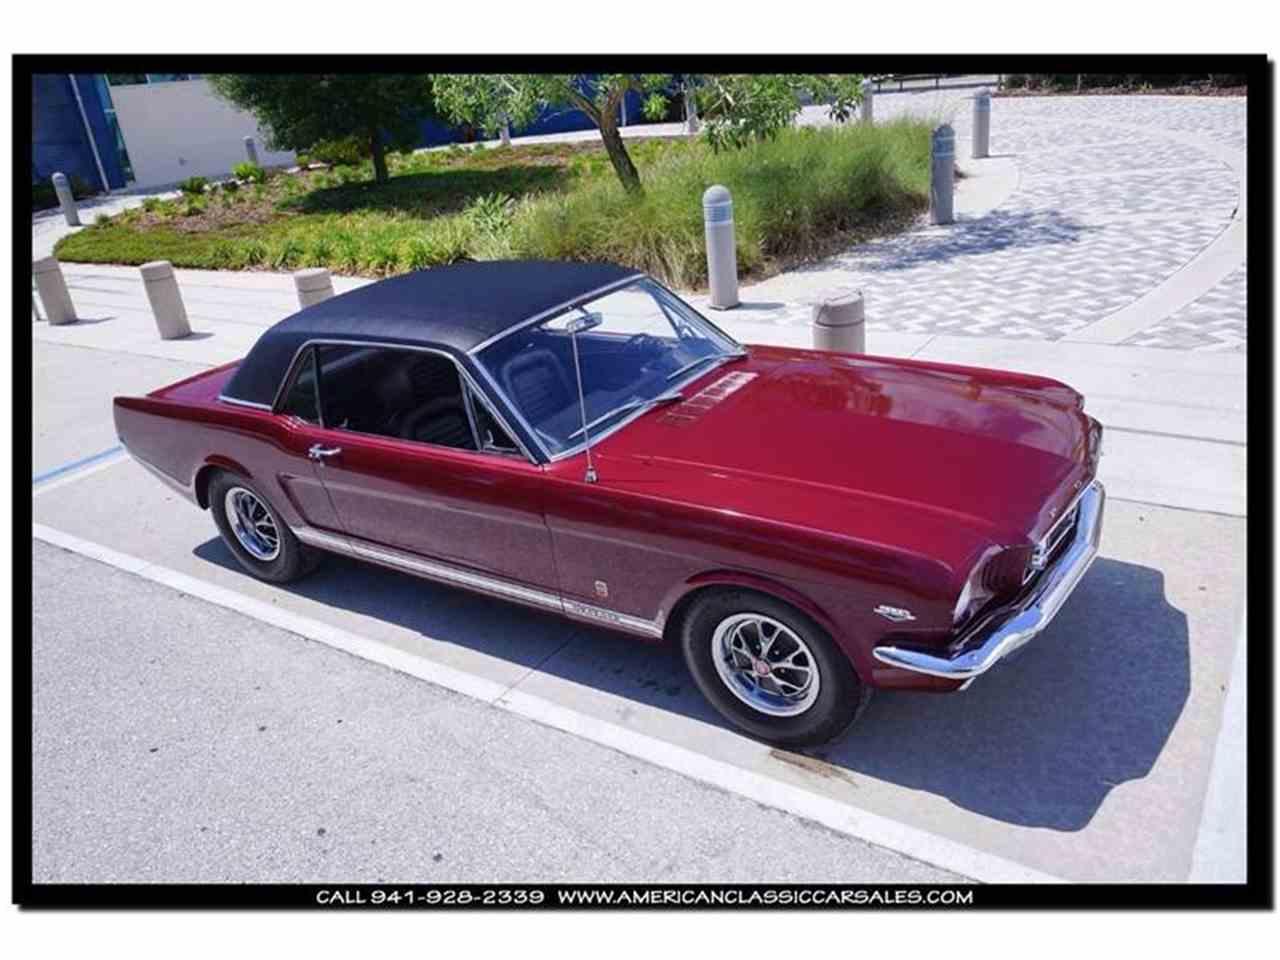 Craigslist Cheap Cars For Sale Detroit